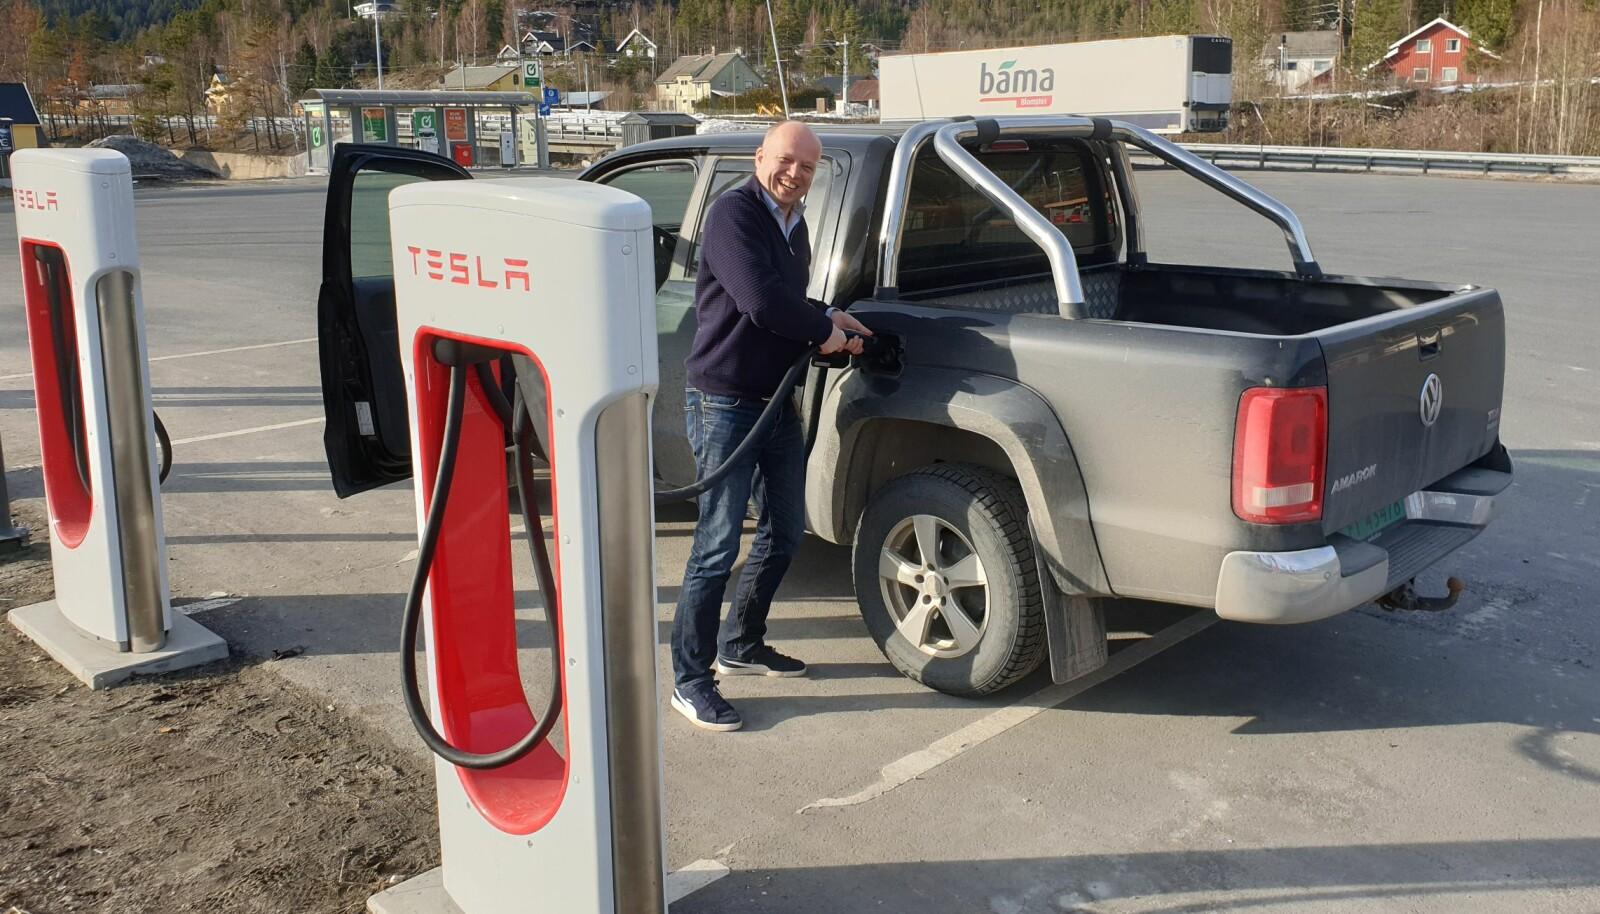 <strong>FINN ÉN FEIL:</strong> Trygve Slagsvold Vedum liker å utfordre. Her tulleparkerer han sin VW Amarok ved en av Teslas ladestasjoner.